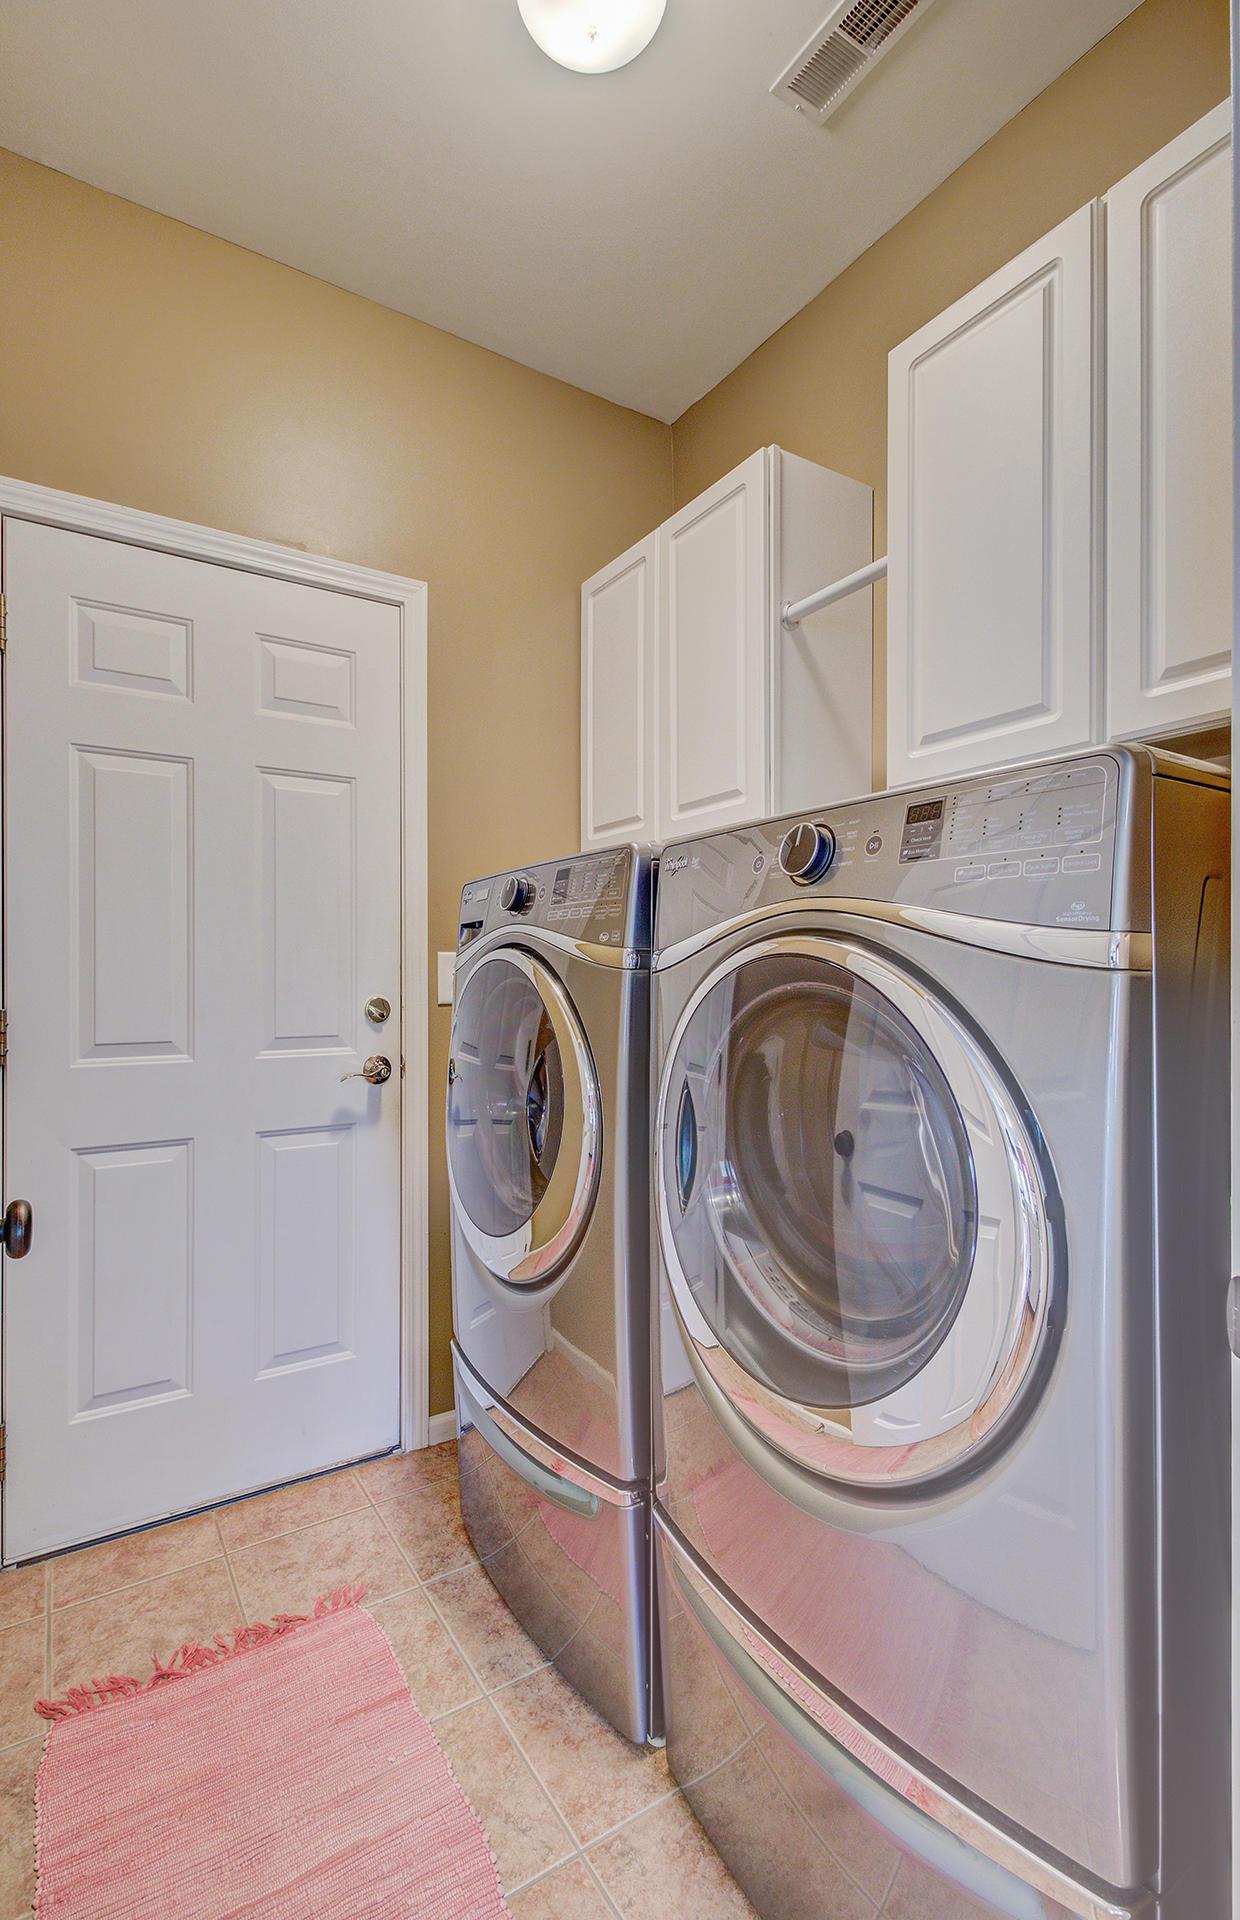 Park West Homes For Sale - 3120 Sonja, Mount Pleasant, SC - 17